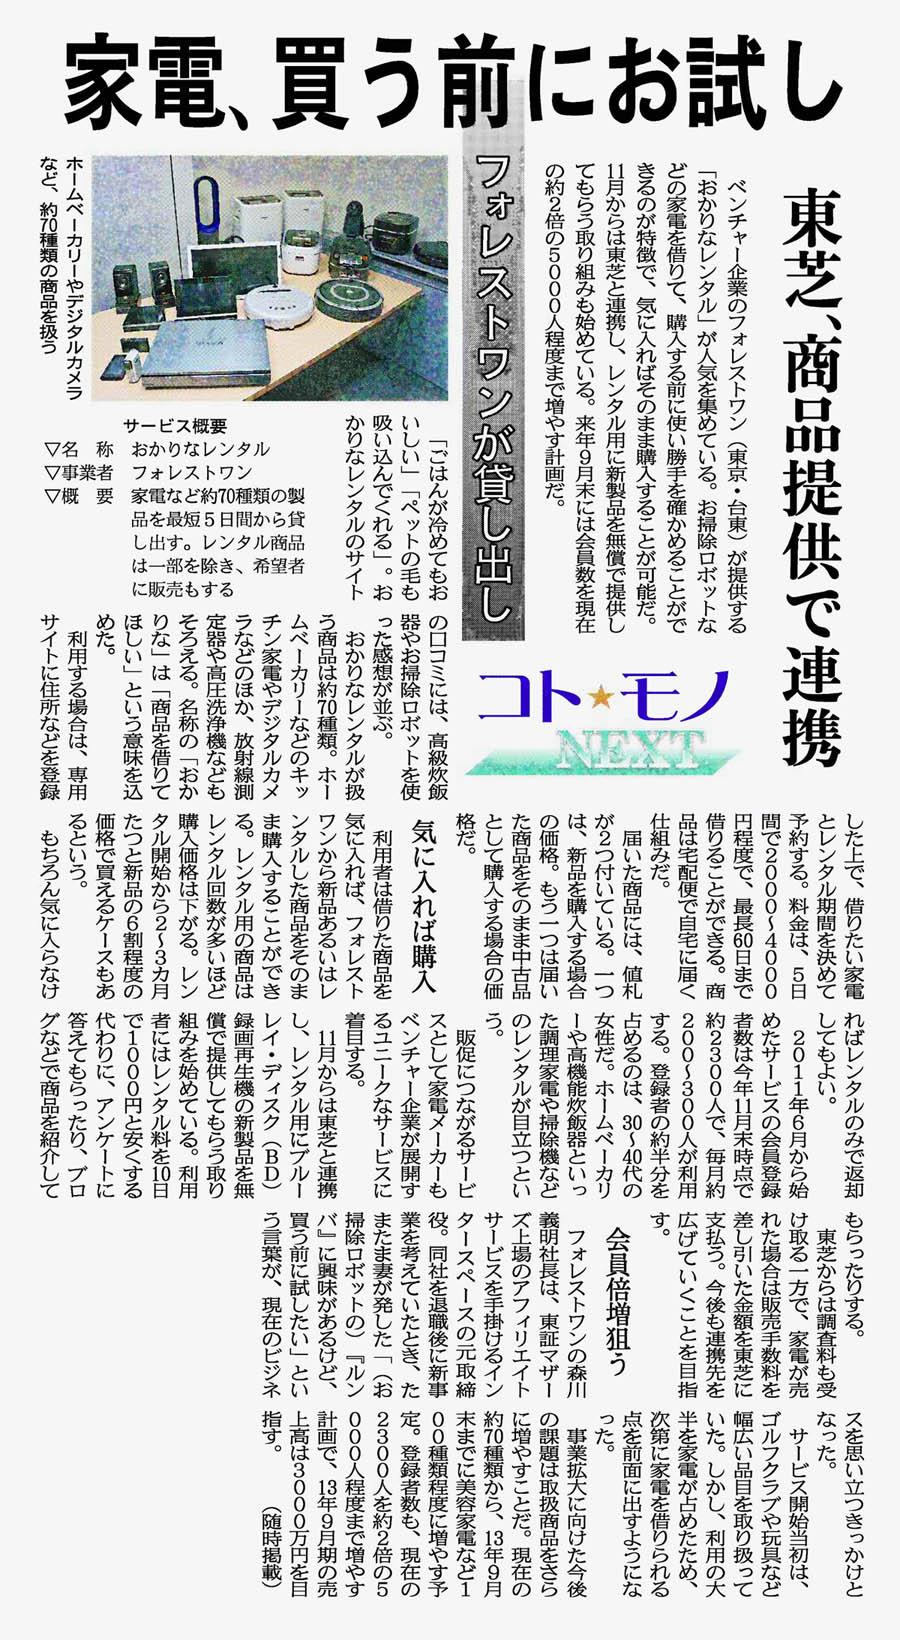 nikkei_mj_1203.jpg